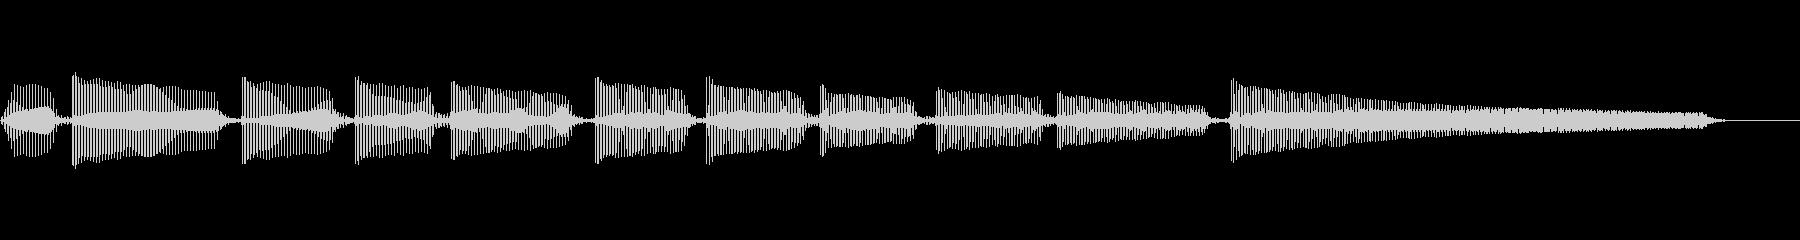 エレキギター6弦チューニング1の未再生の波形